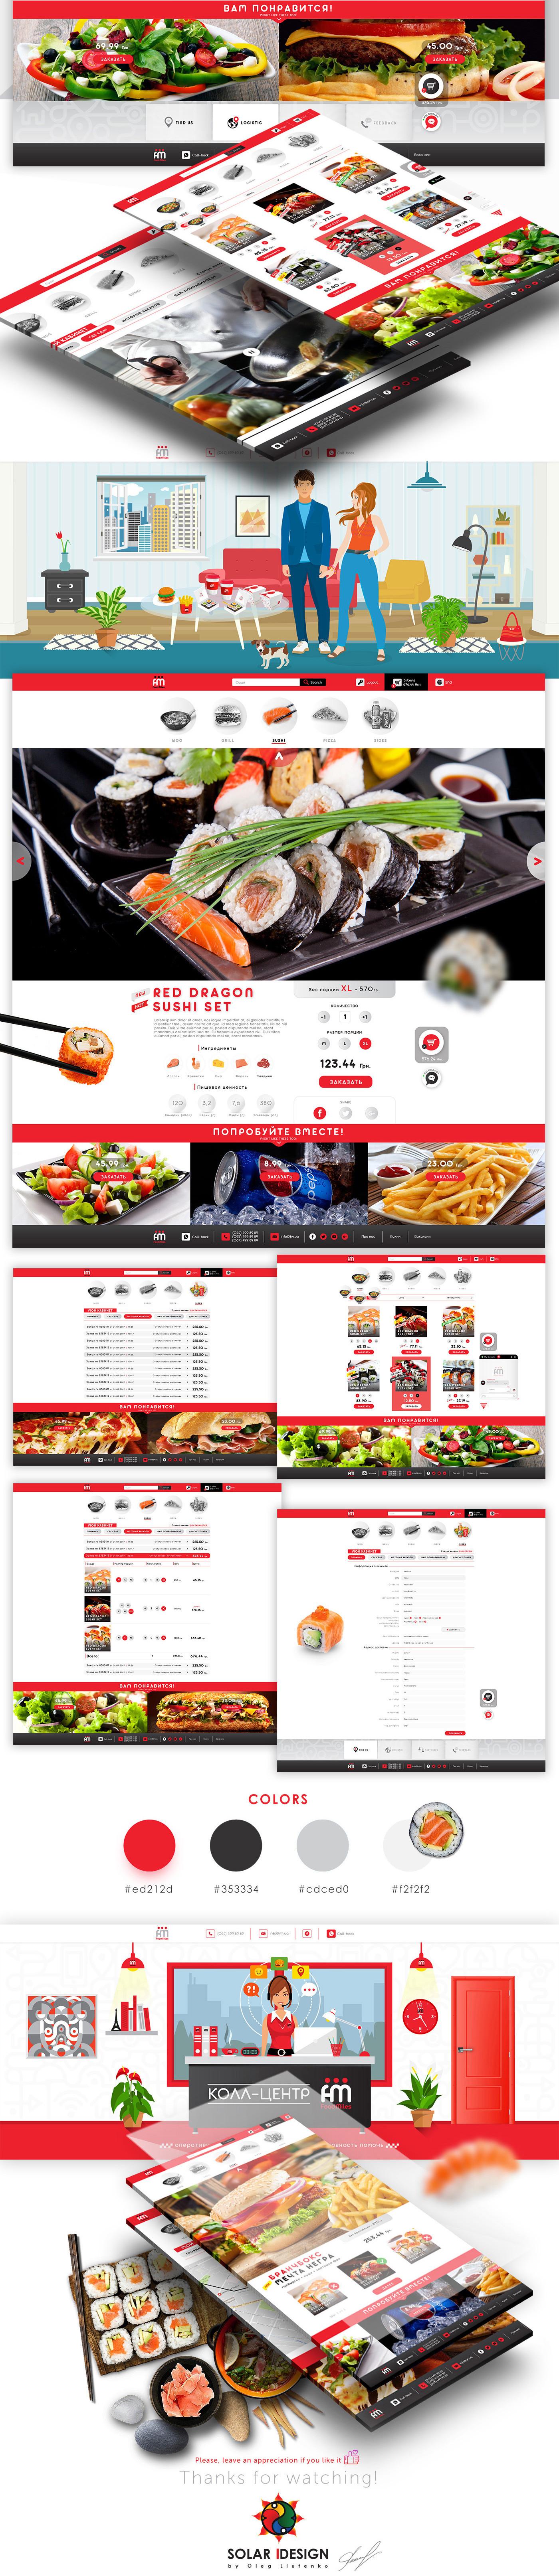 FOOD MILES   Site Shop Concept